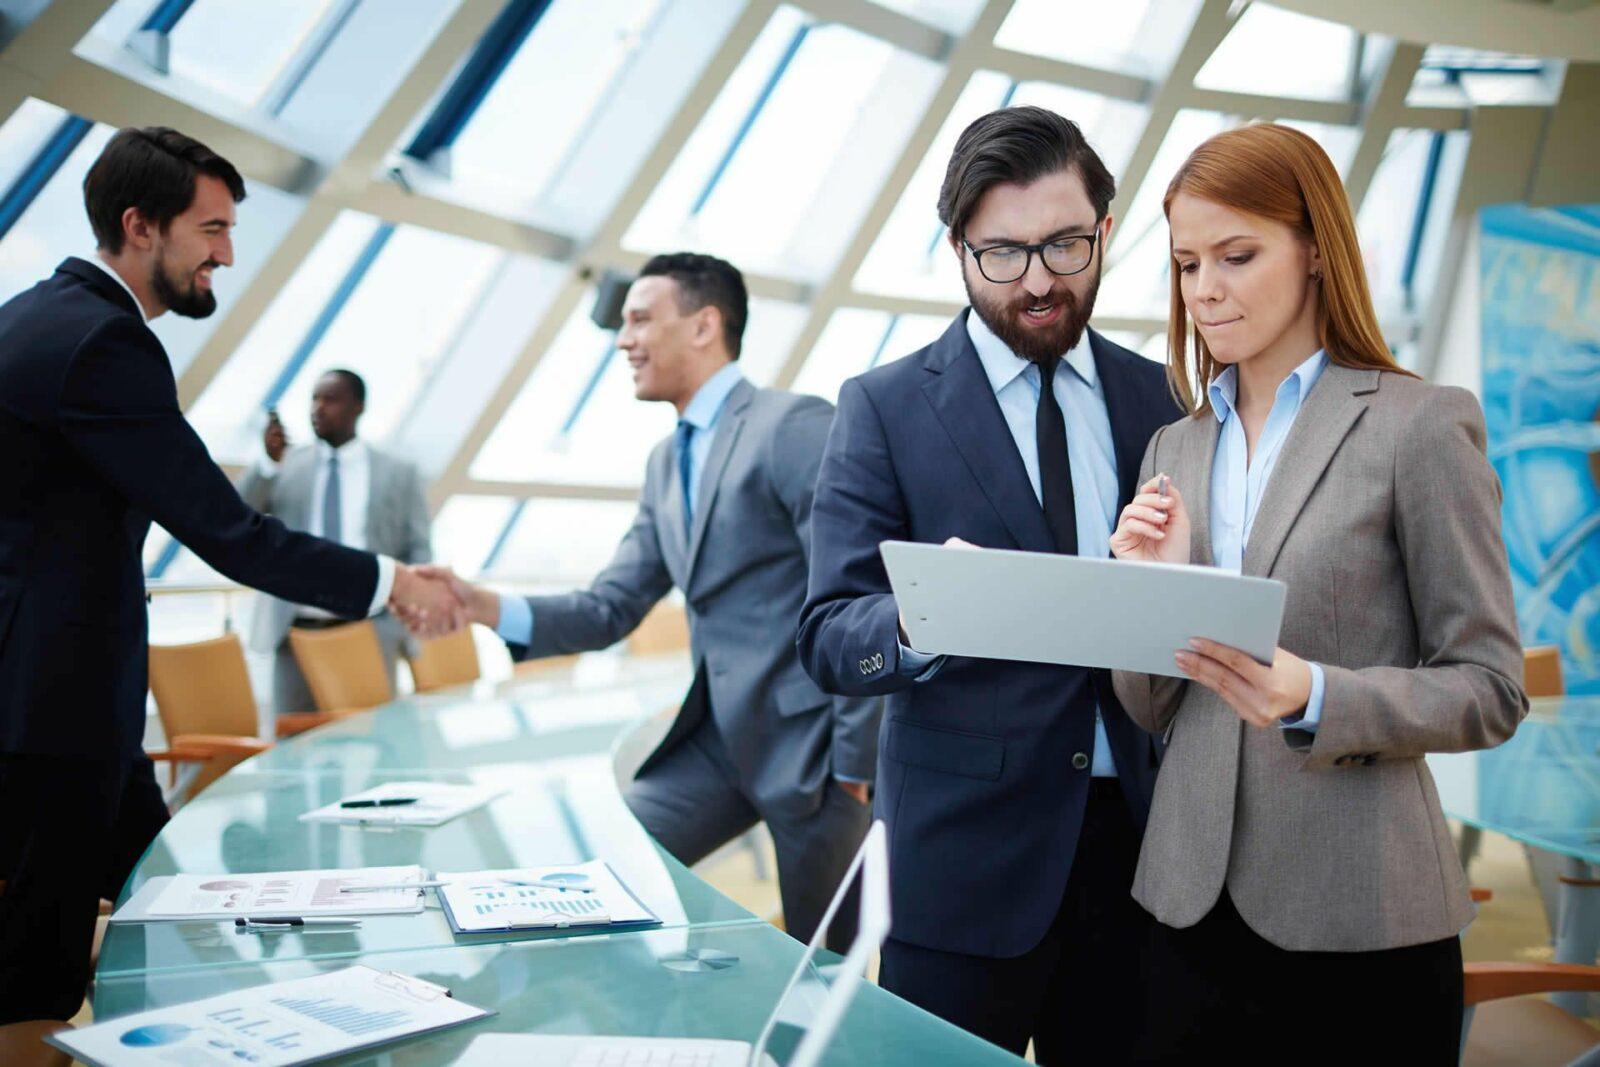 Помощь сотрудникам в развитии своего потенциала в организации